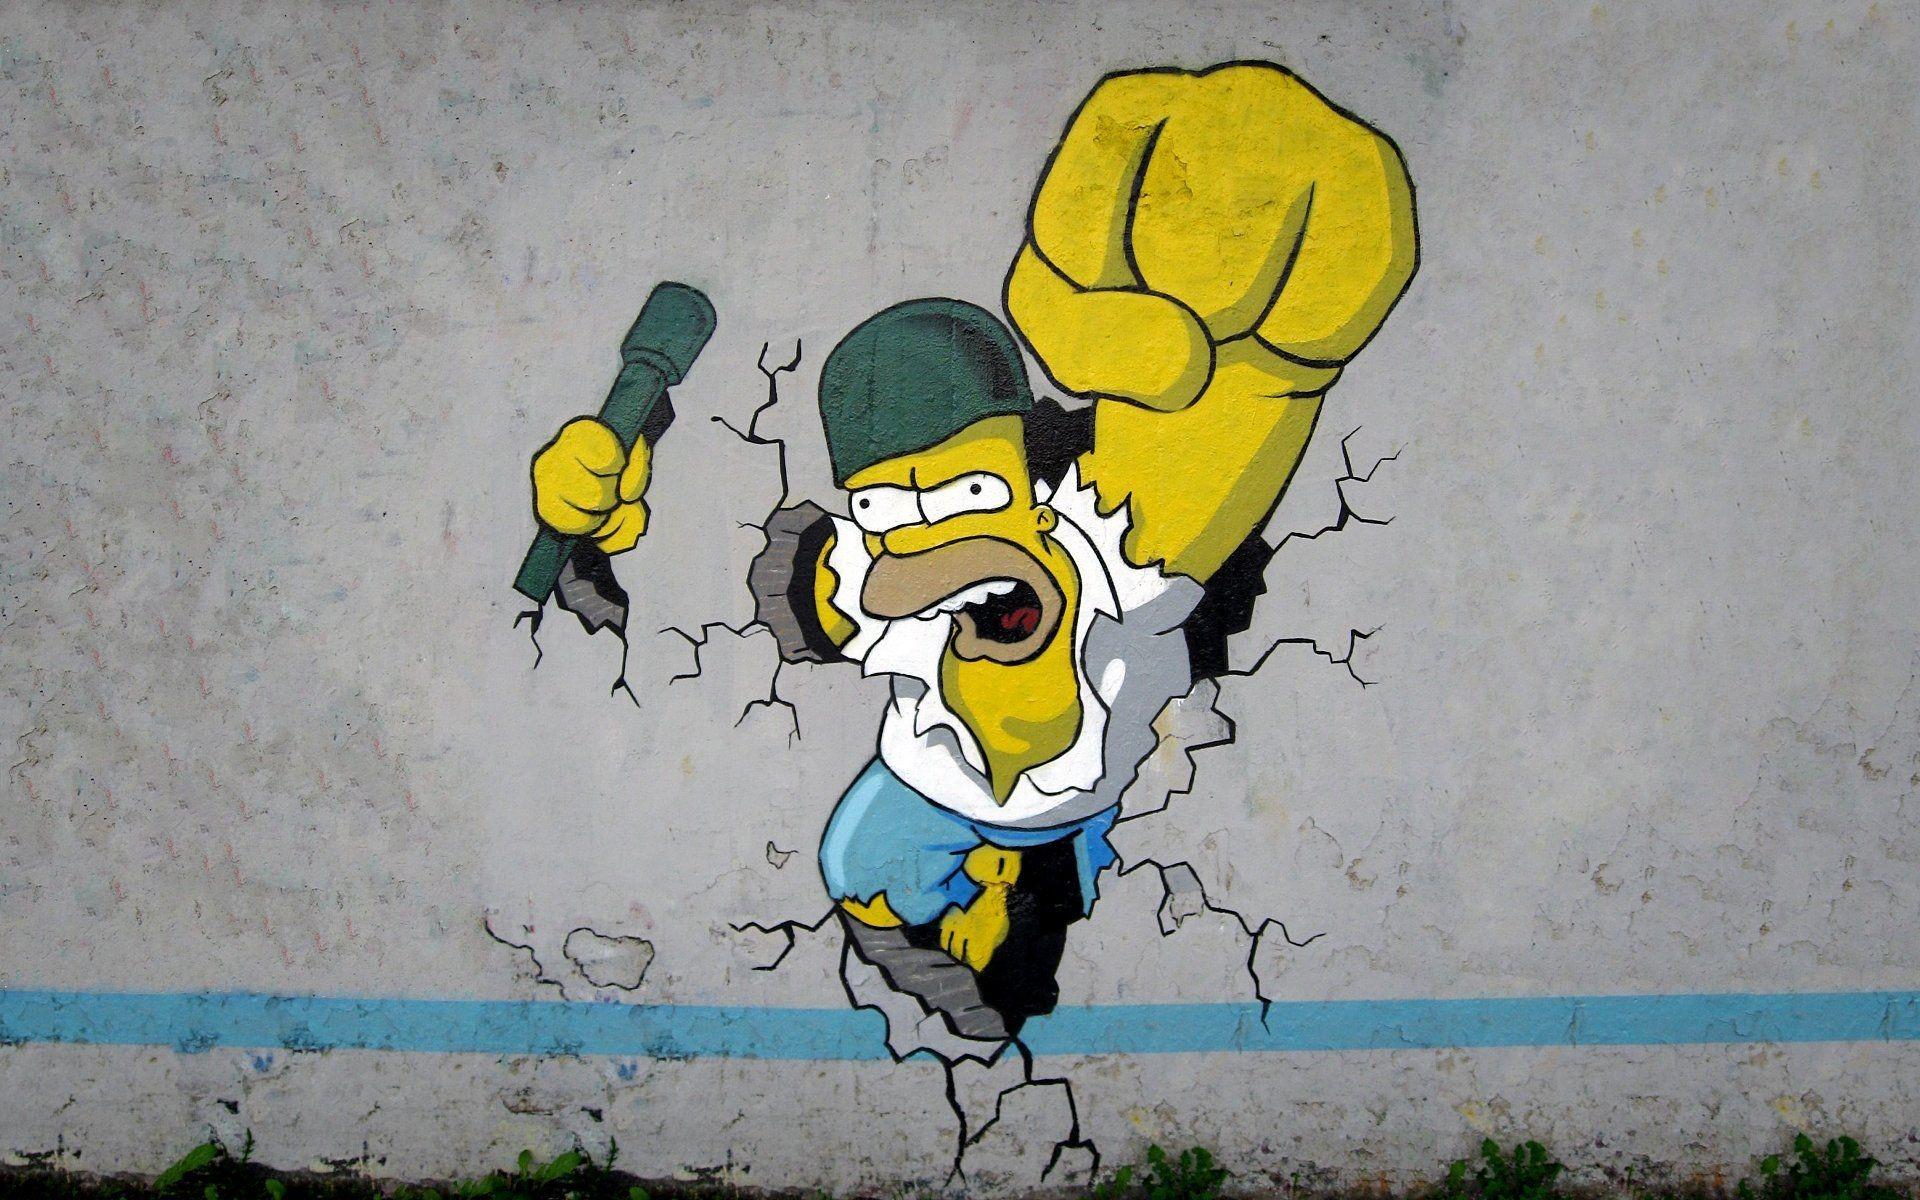 Simpsons Screensaver